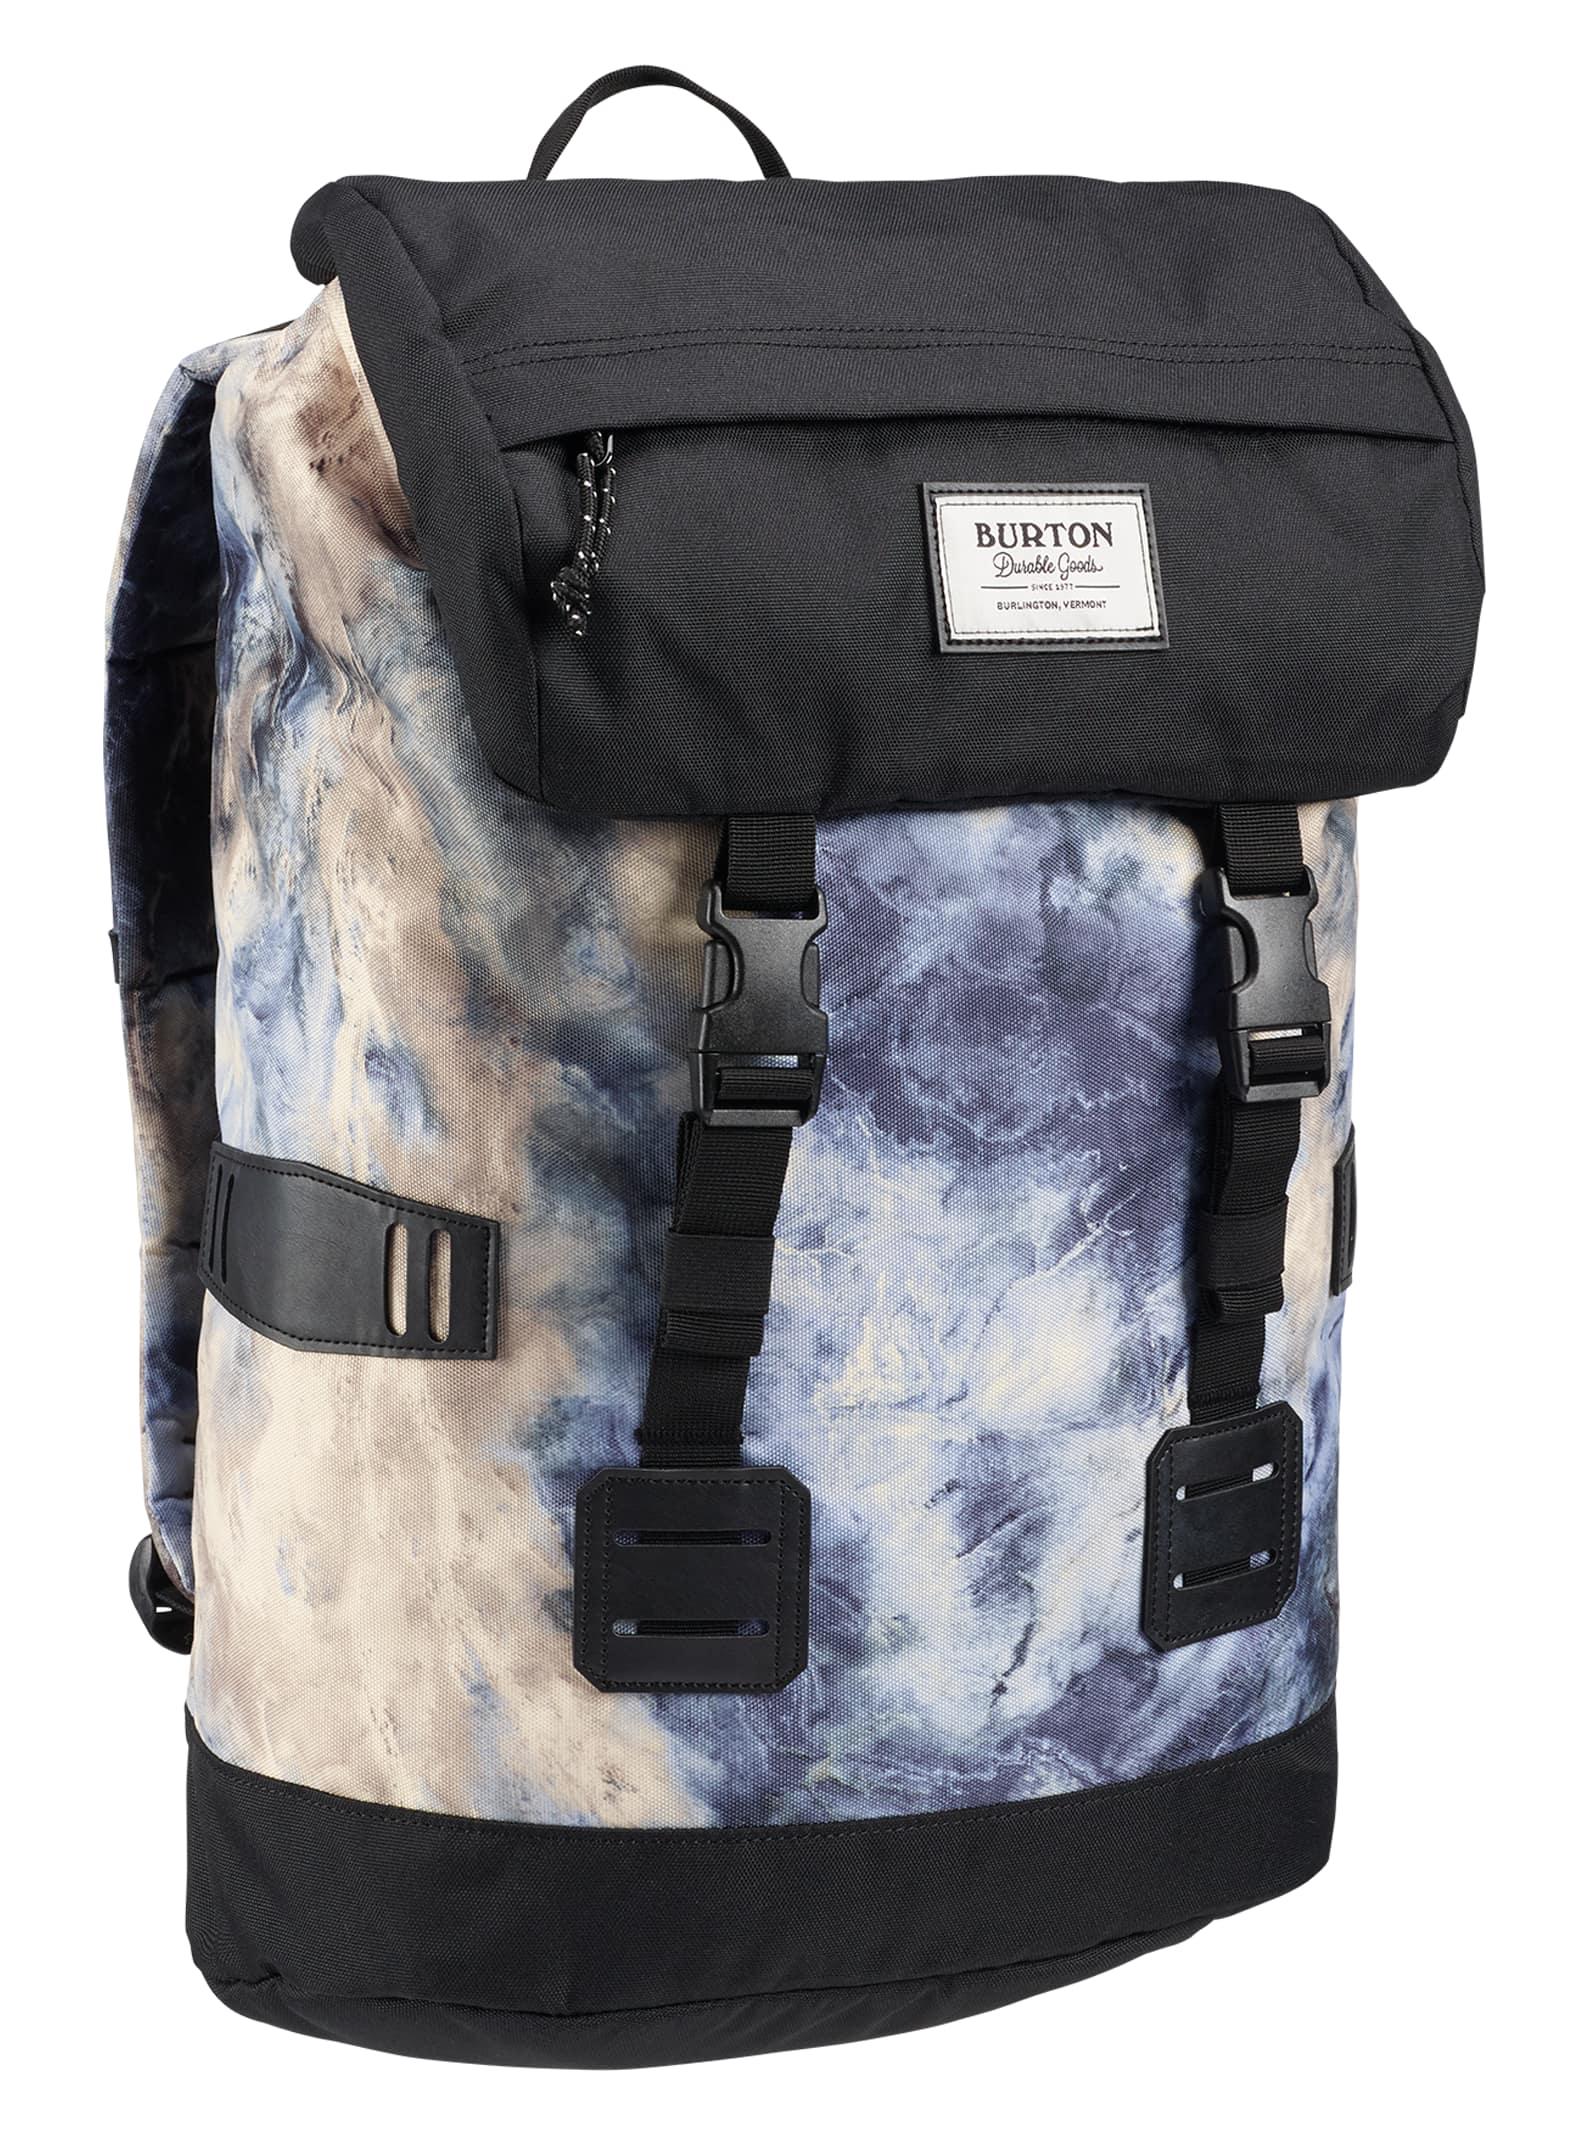 f4478a58b1 Sale Clothing & Gear | Burton Snowboards